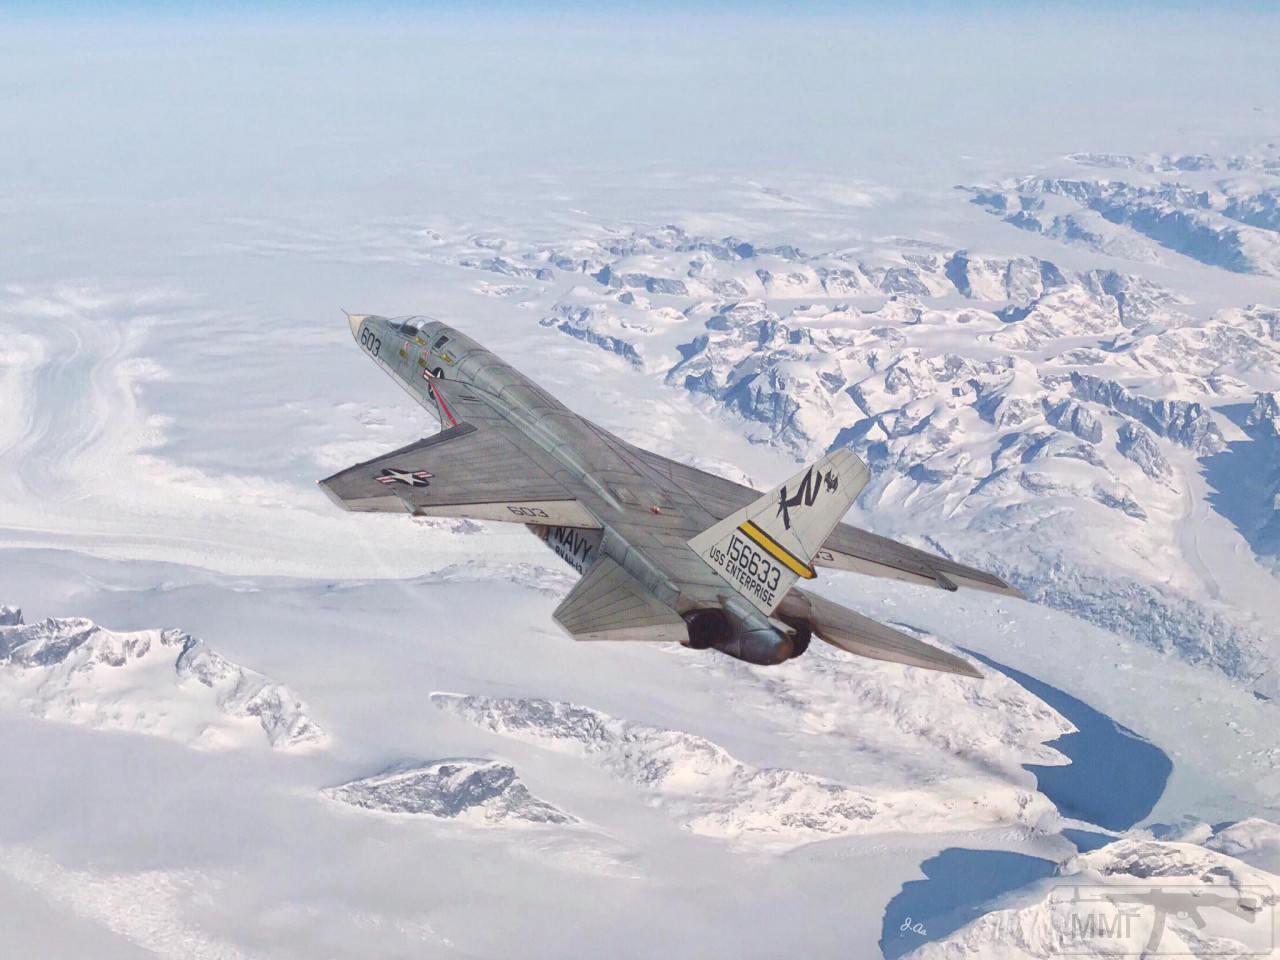 83941 - Красивые фото и видео боевых самолетов и вертолетов